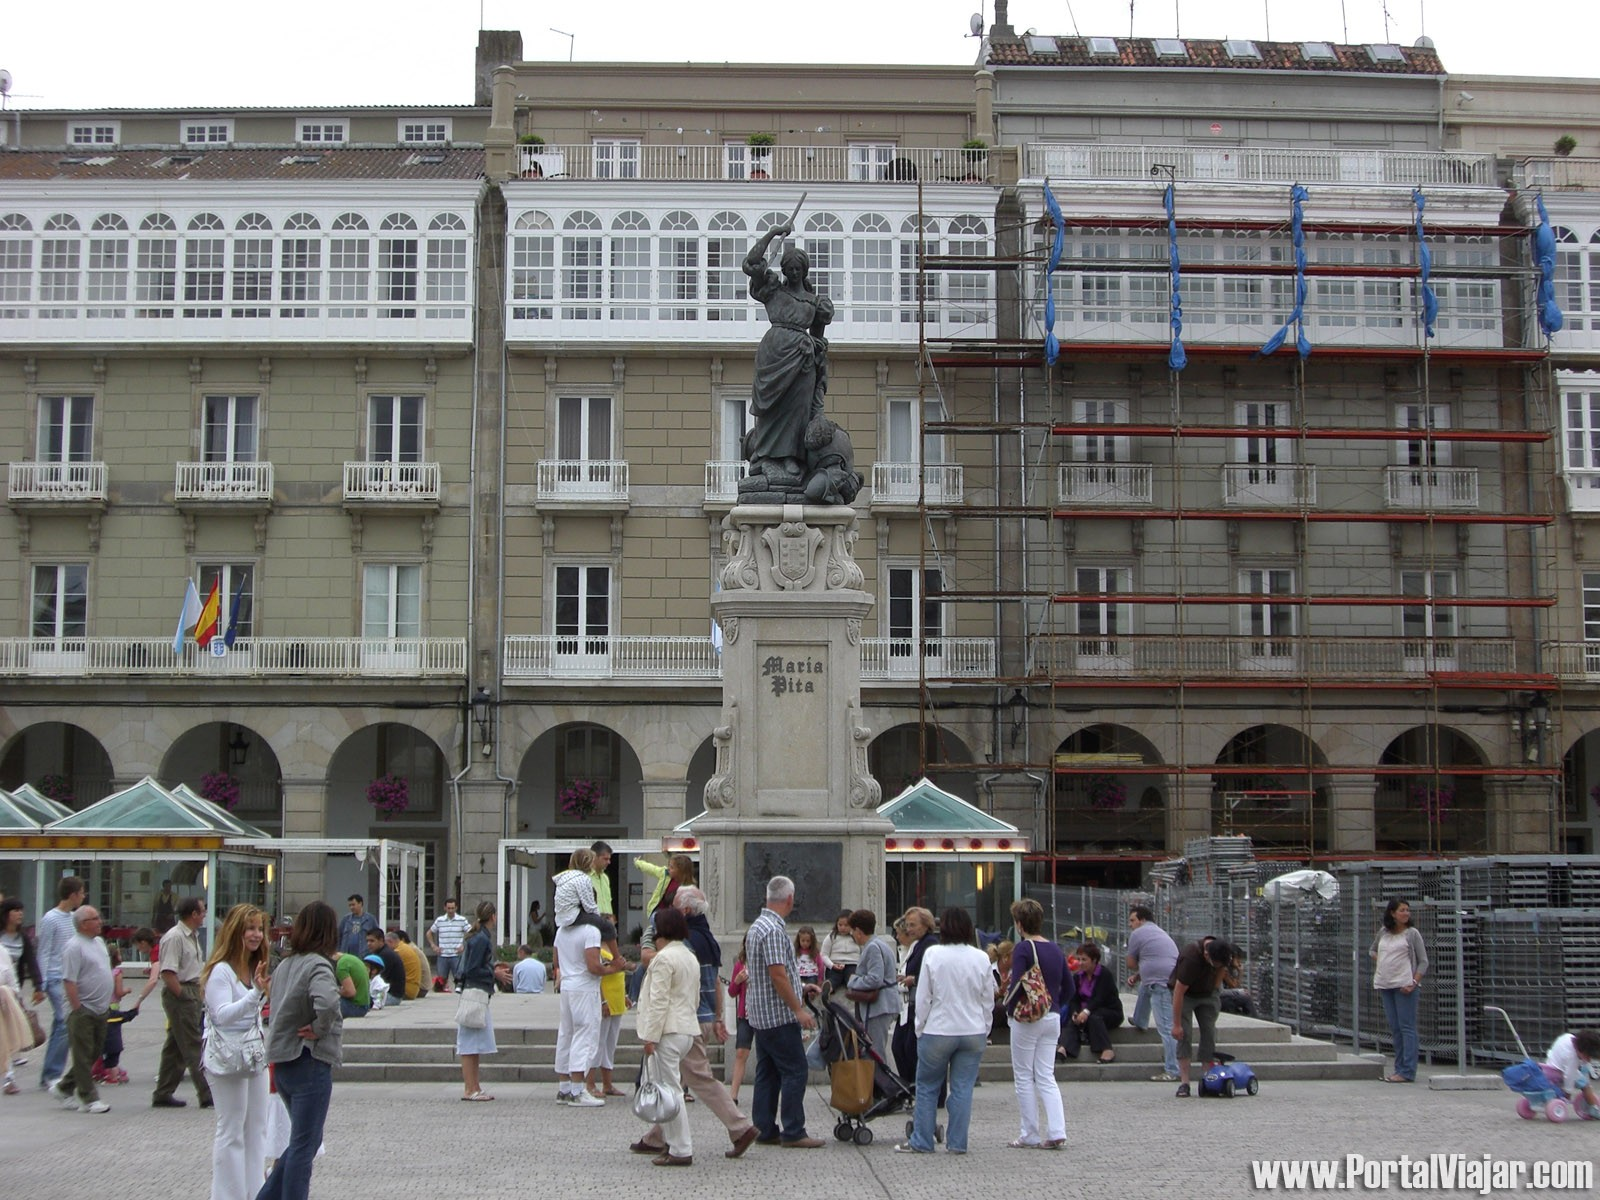 Monumento a María Pita (Plaza de María Pita) (A Coruña)